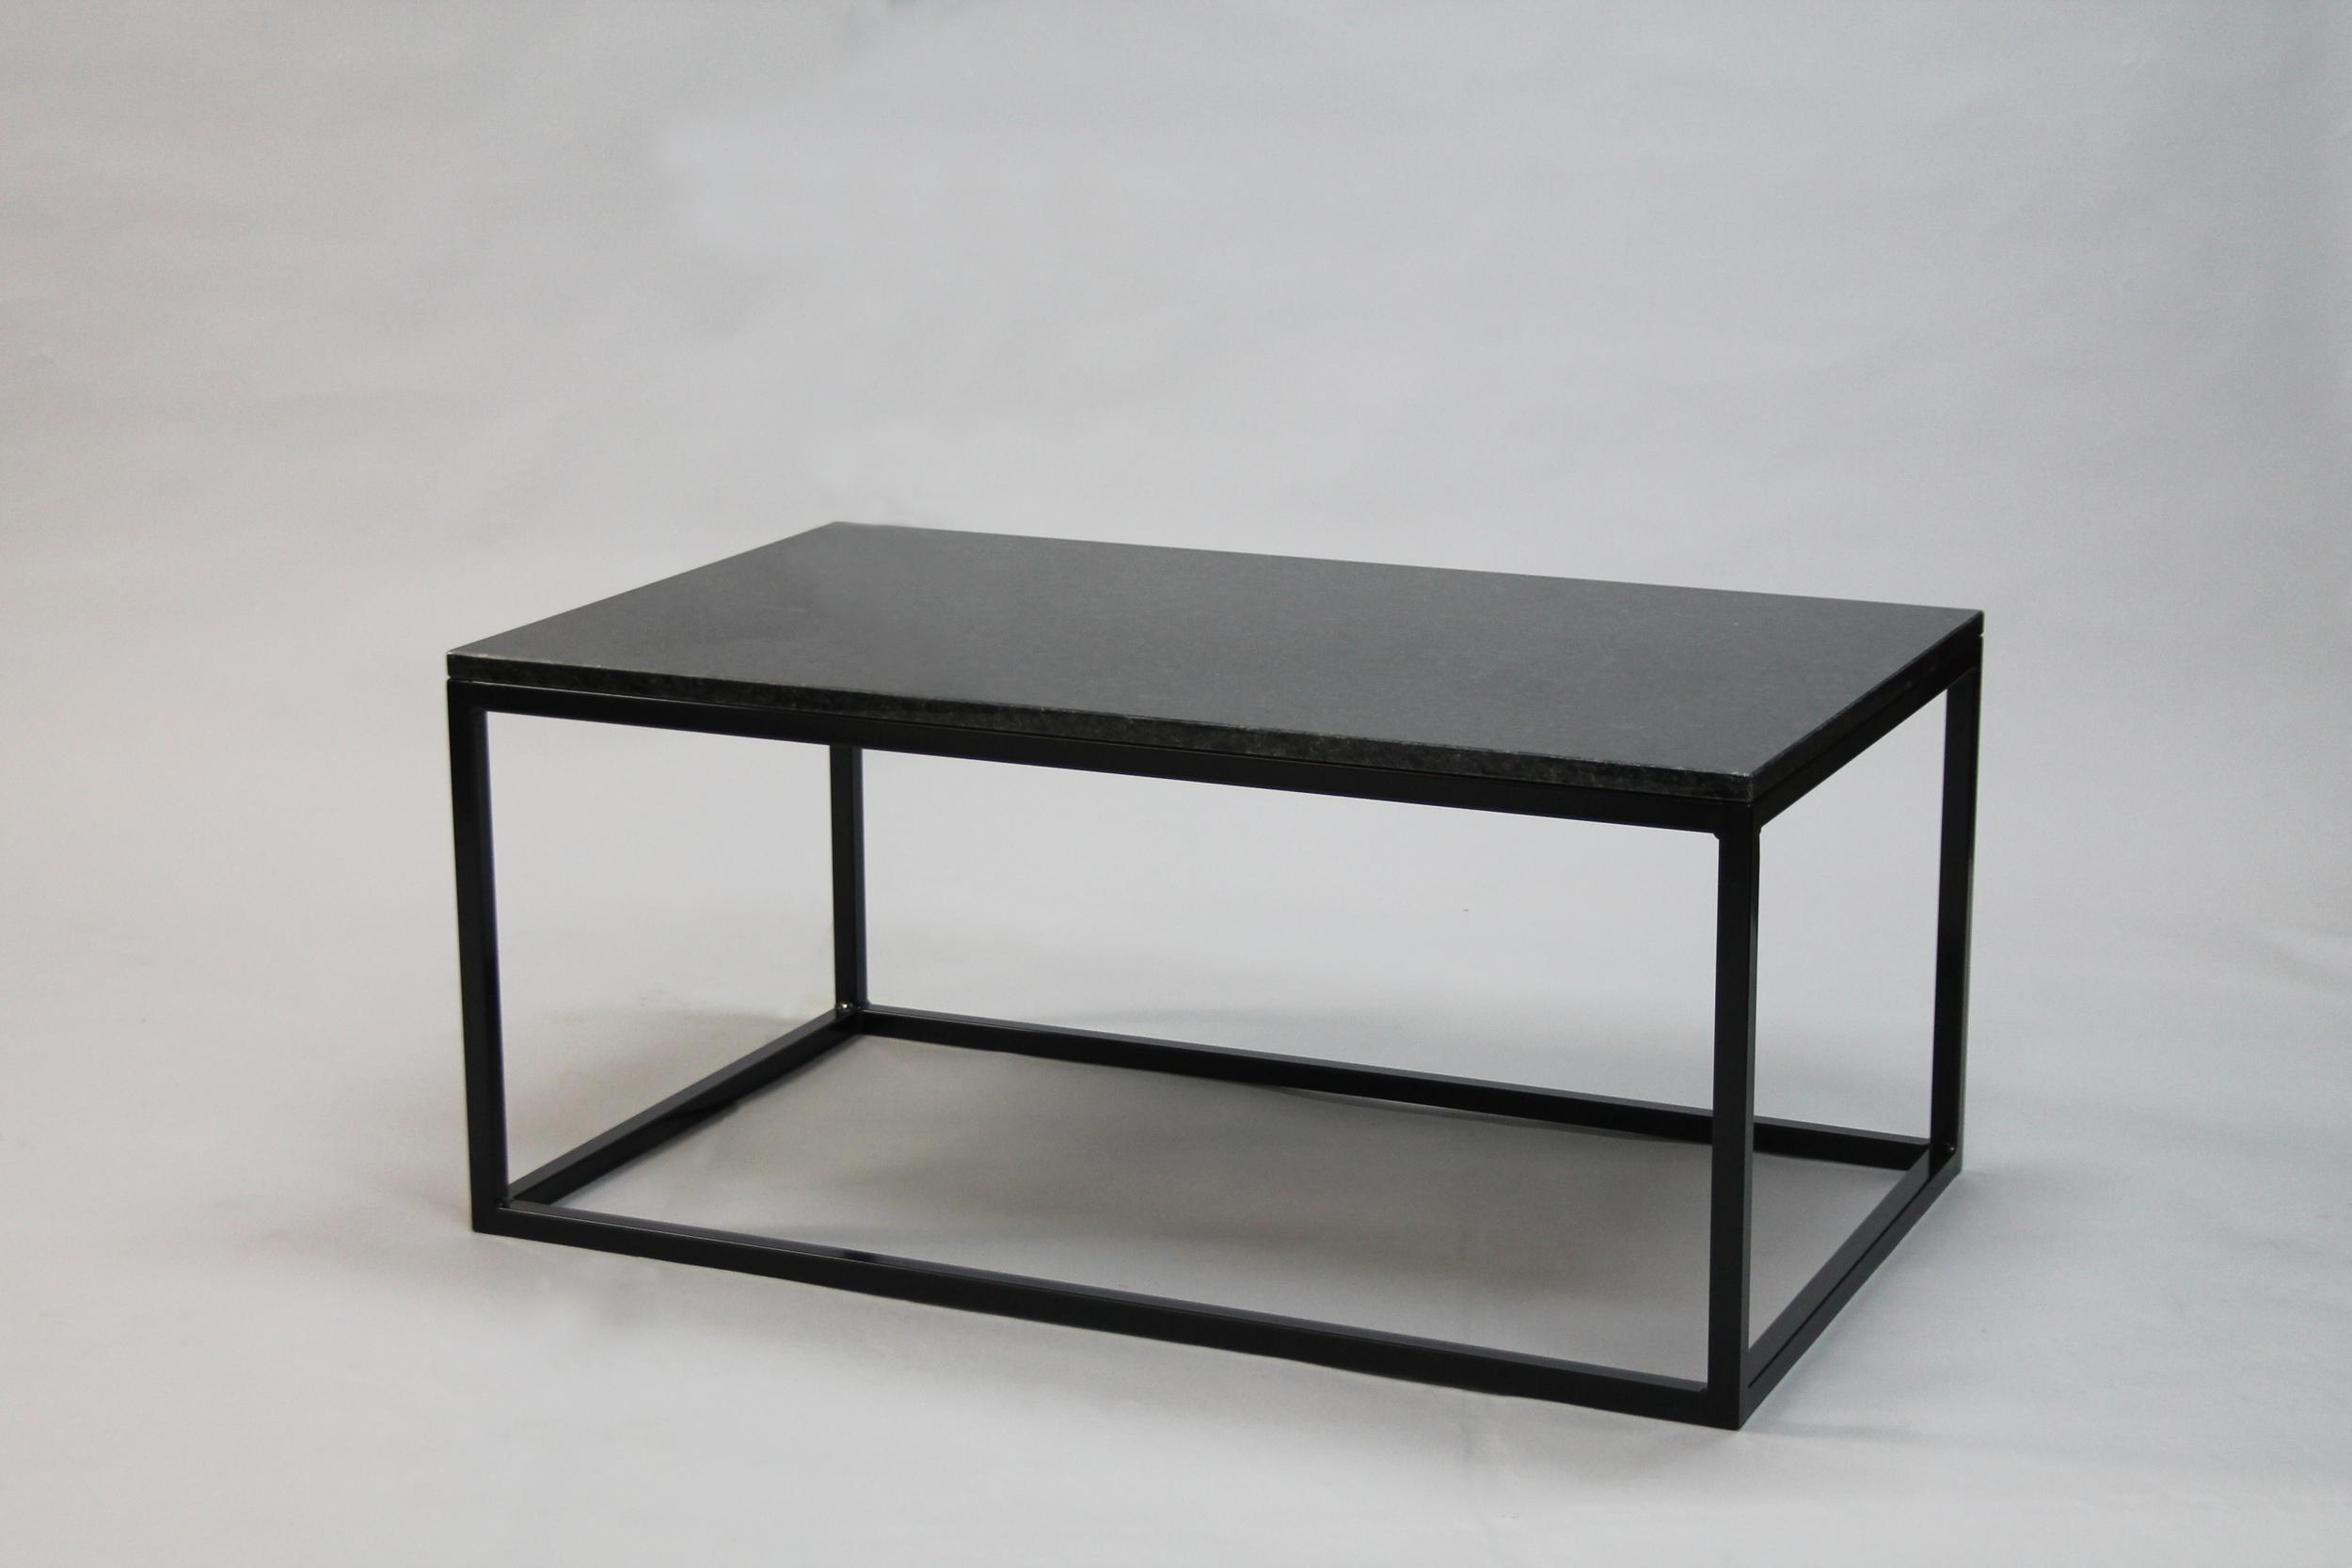 Granitbord - 100x60 x  45  cm, svart underredekub   SLUT!